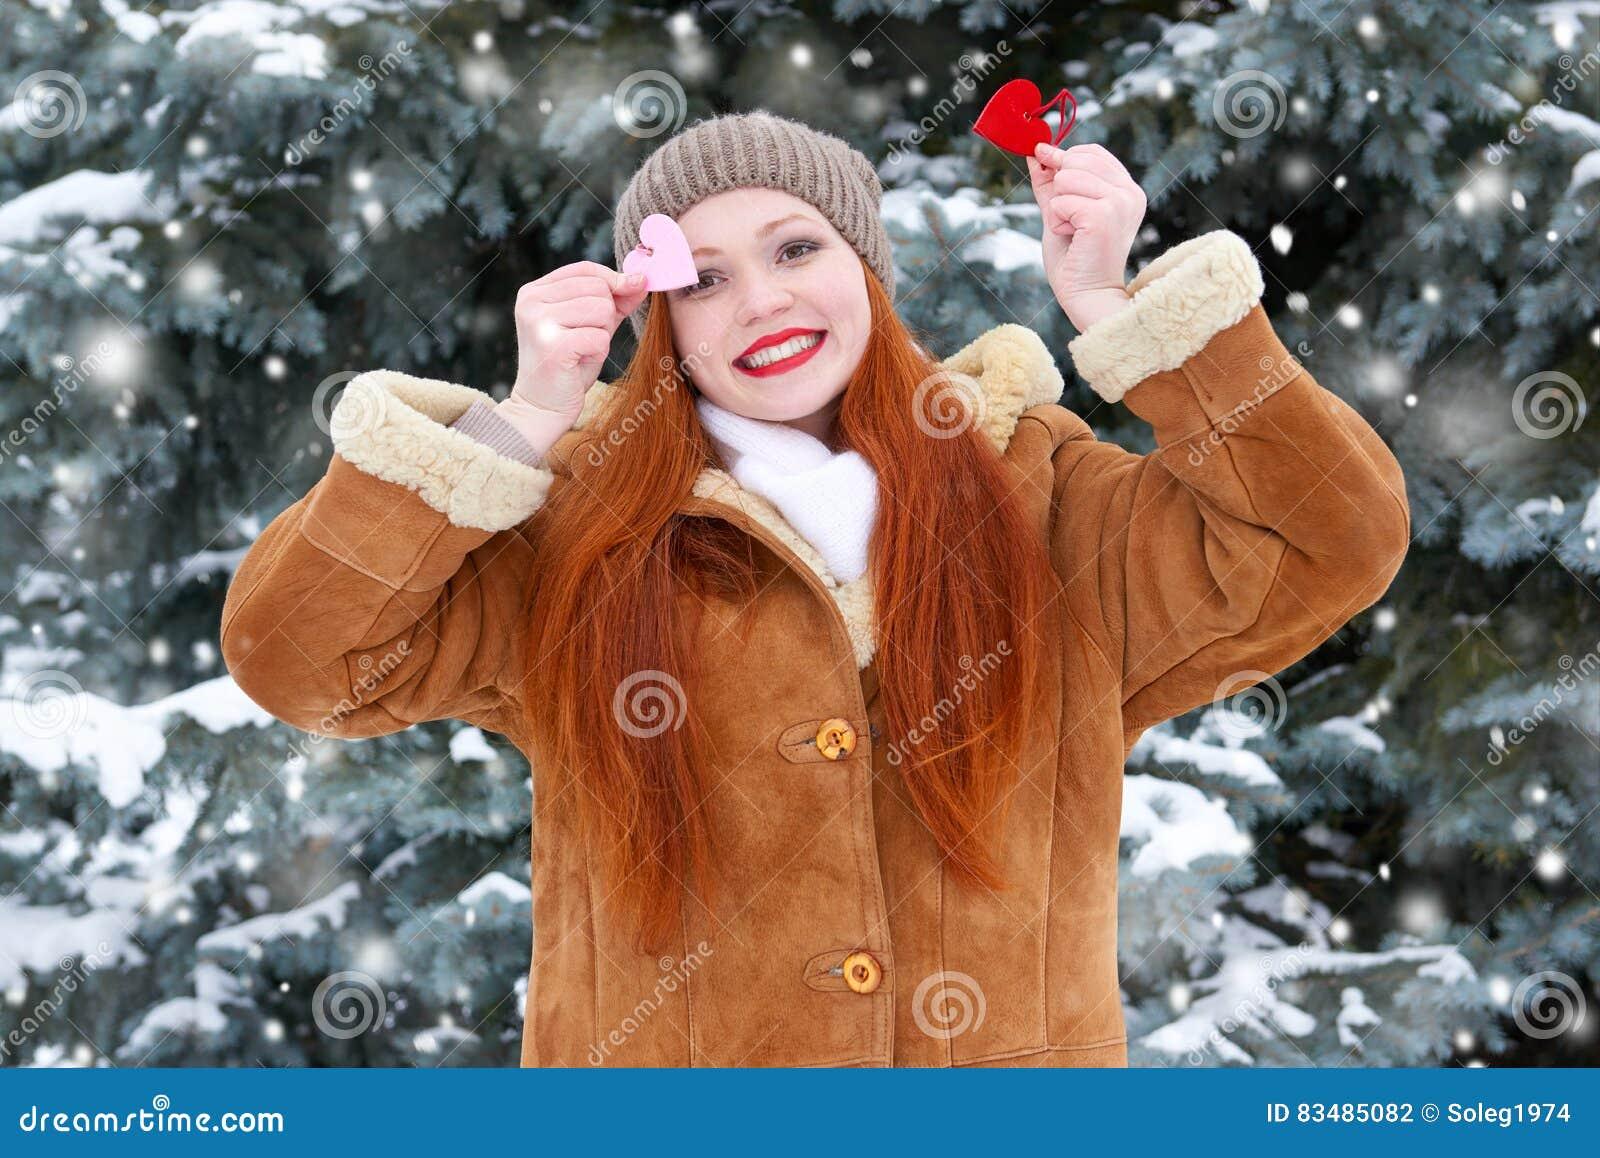 Schönheit auf Aufstellung des Winters der im Freien mit Herzformspielwaren, Feiertagskonzept, schneebedeckte Tannenbäume im Wald,